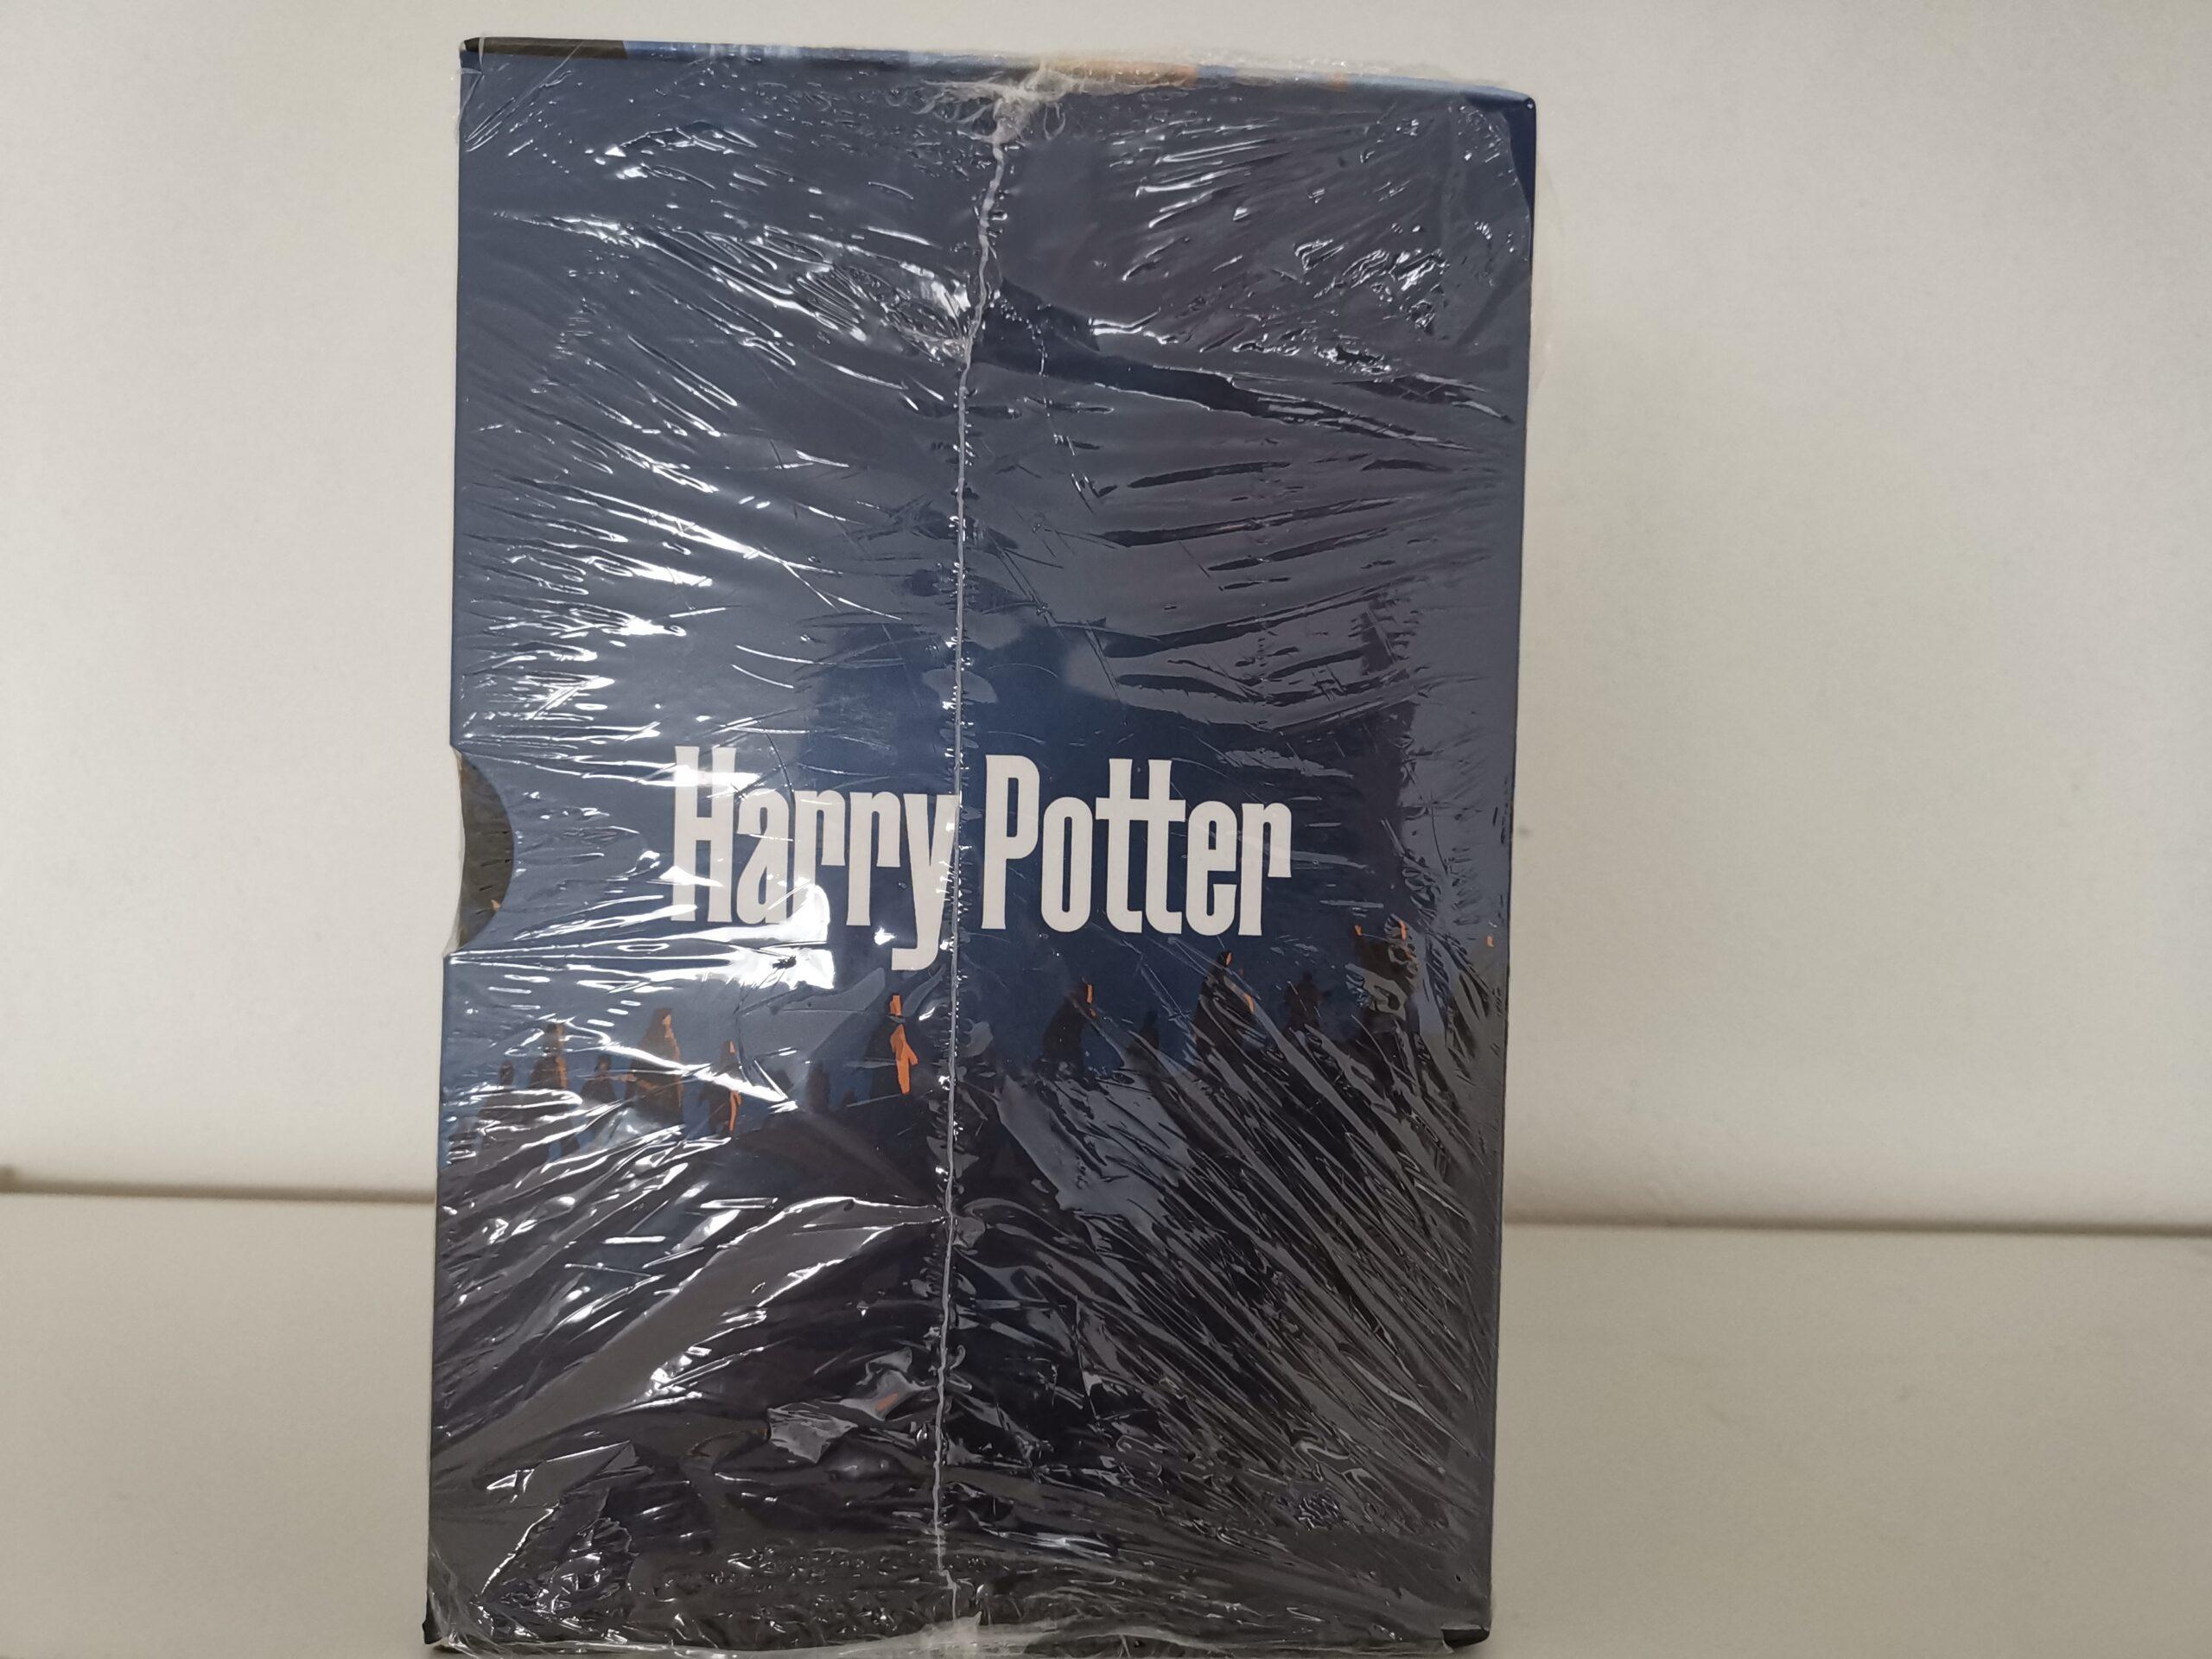 Harry Potter Nuova Edizione 2021 Cofanetto Sigillato De Lucchi